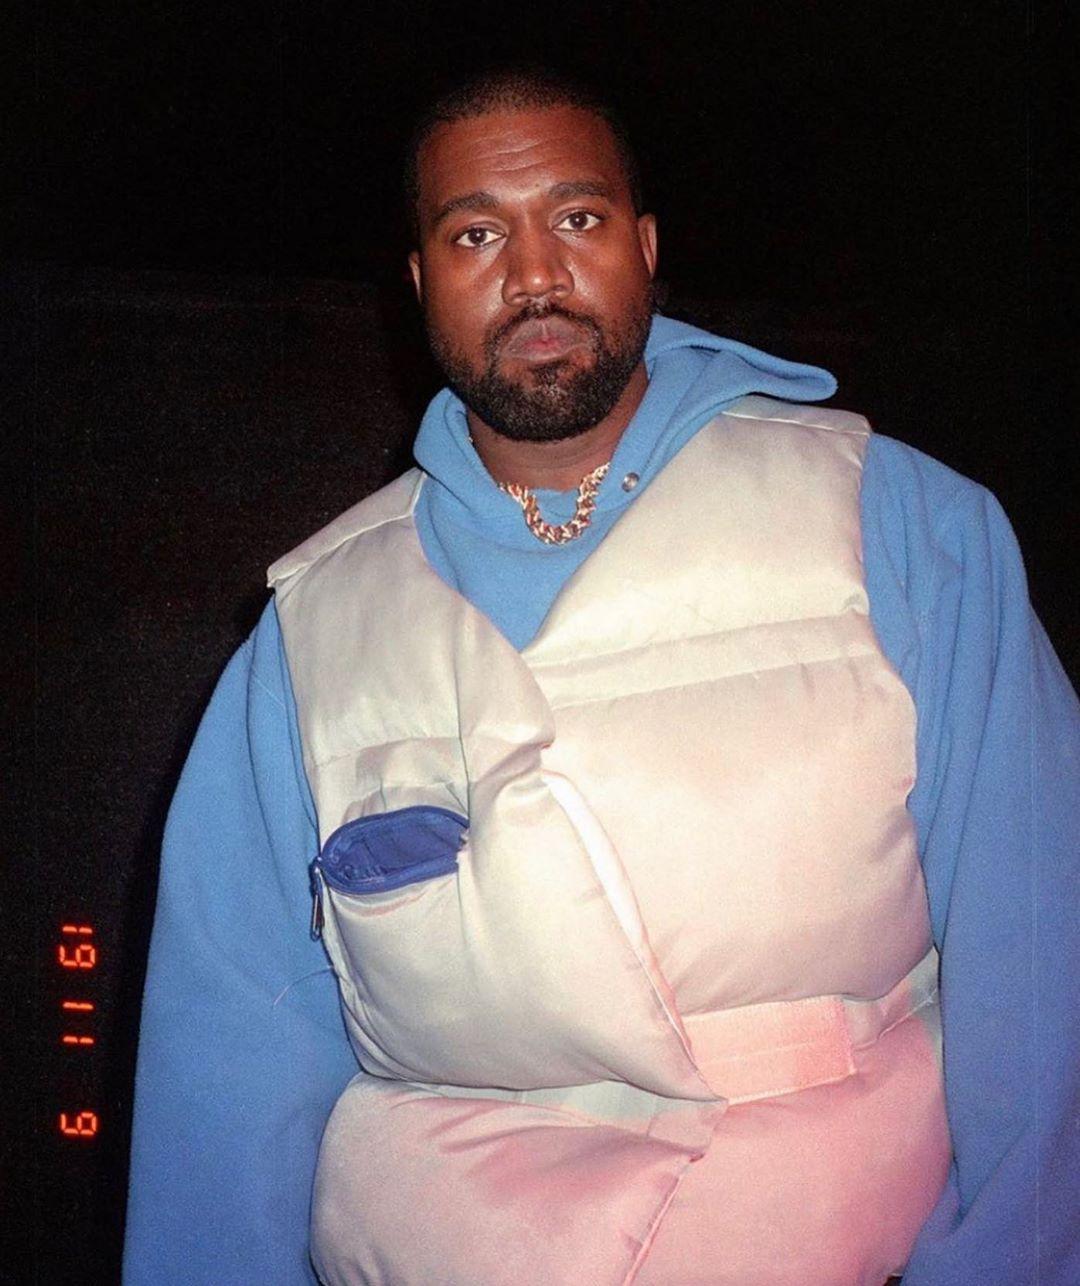 'How I battled & beat the devil – Rapper, Kanye West opens up